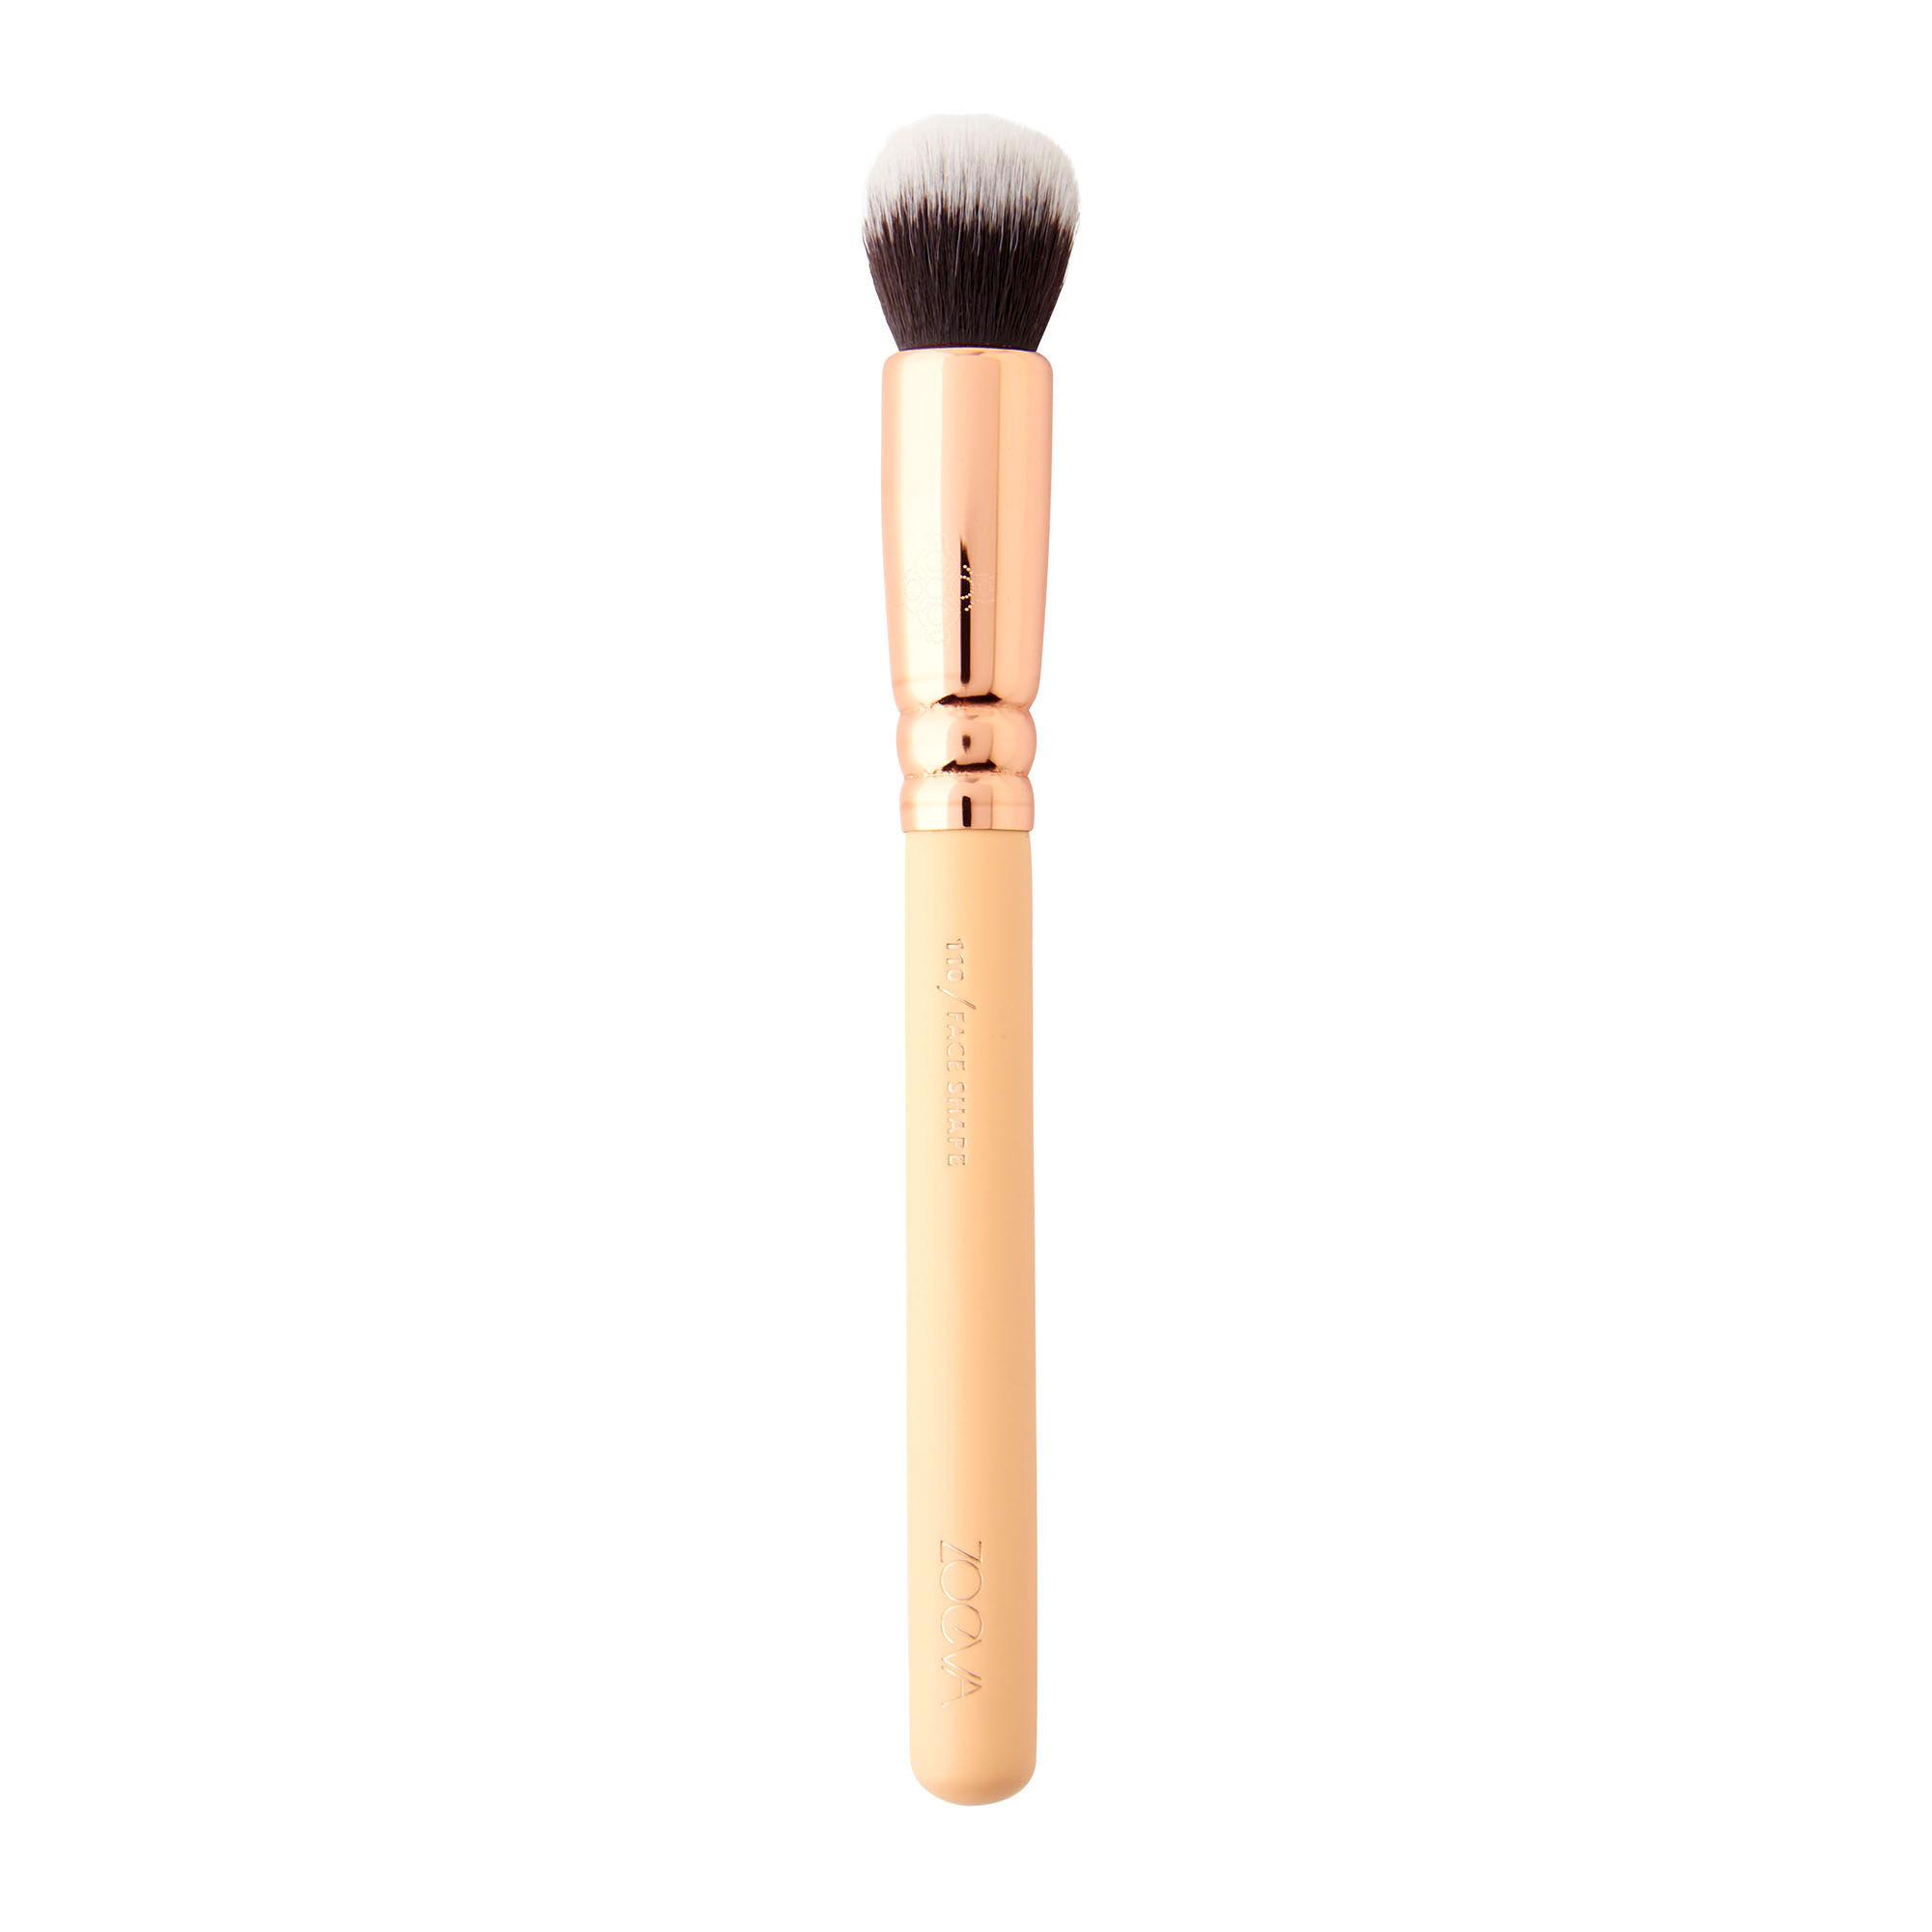 ZOEVA Rose Golden Vol.2 110 Face Shape Brush